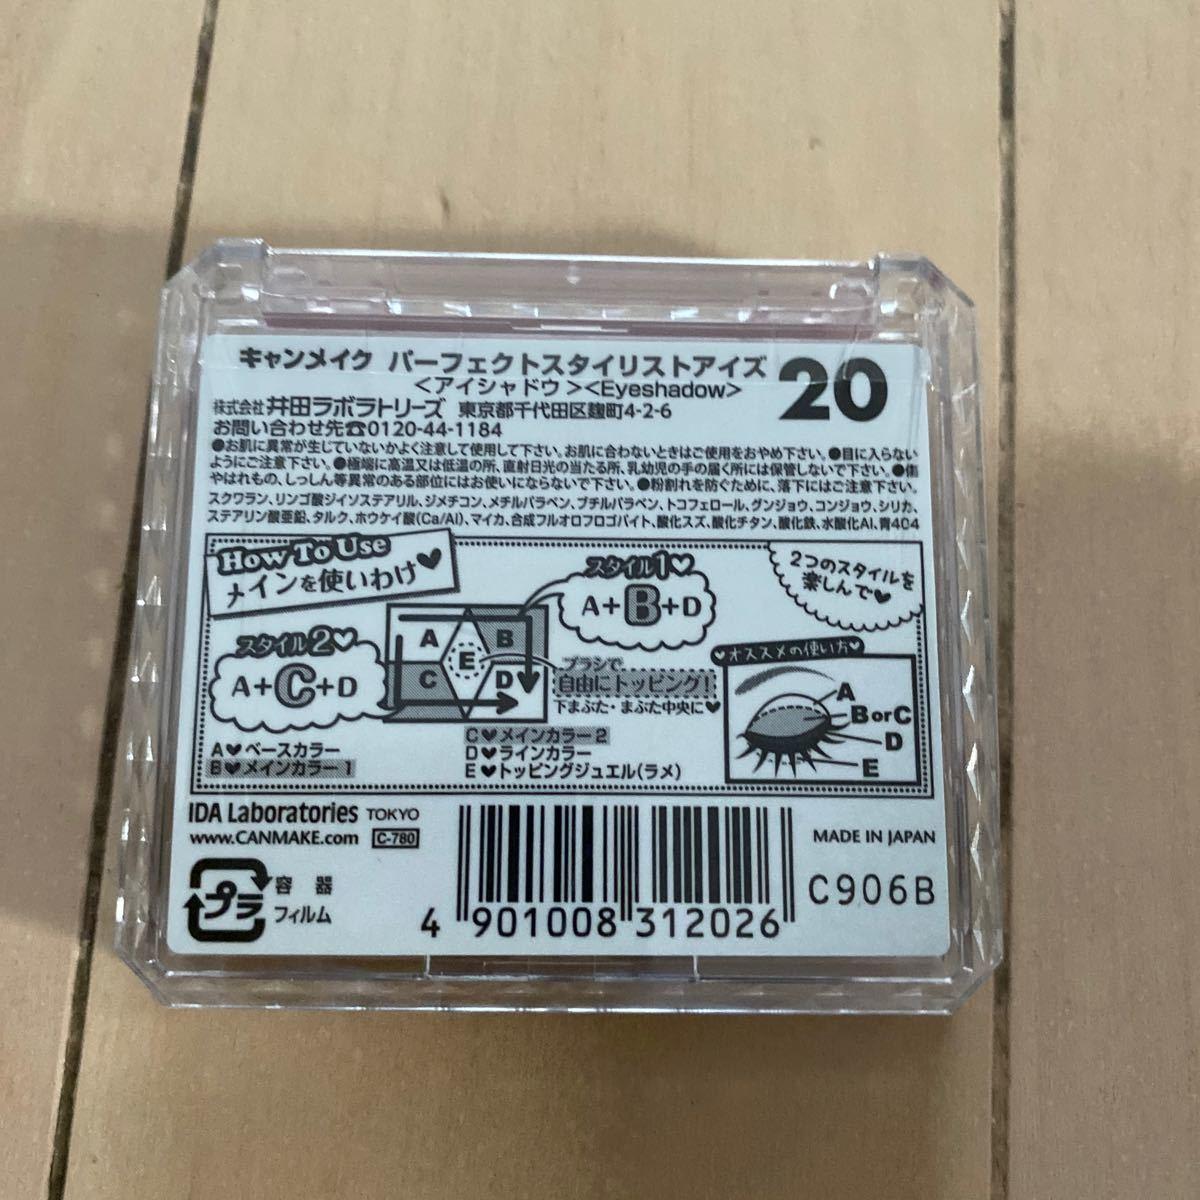 キャンメイク パーフェクトスタイリストアイズ 20 シャイニーシーグラス アイシャドウ 2.75g